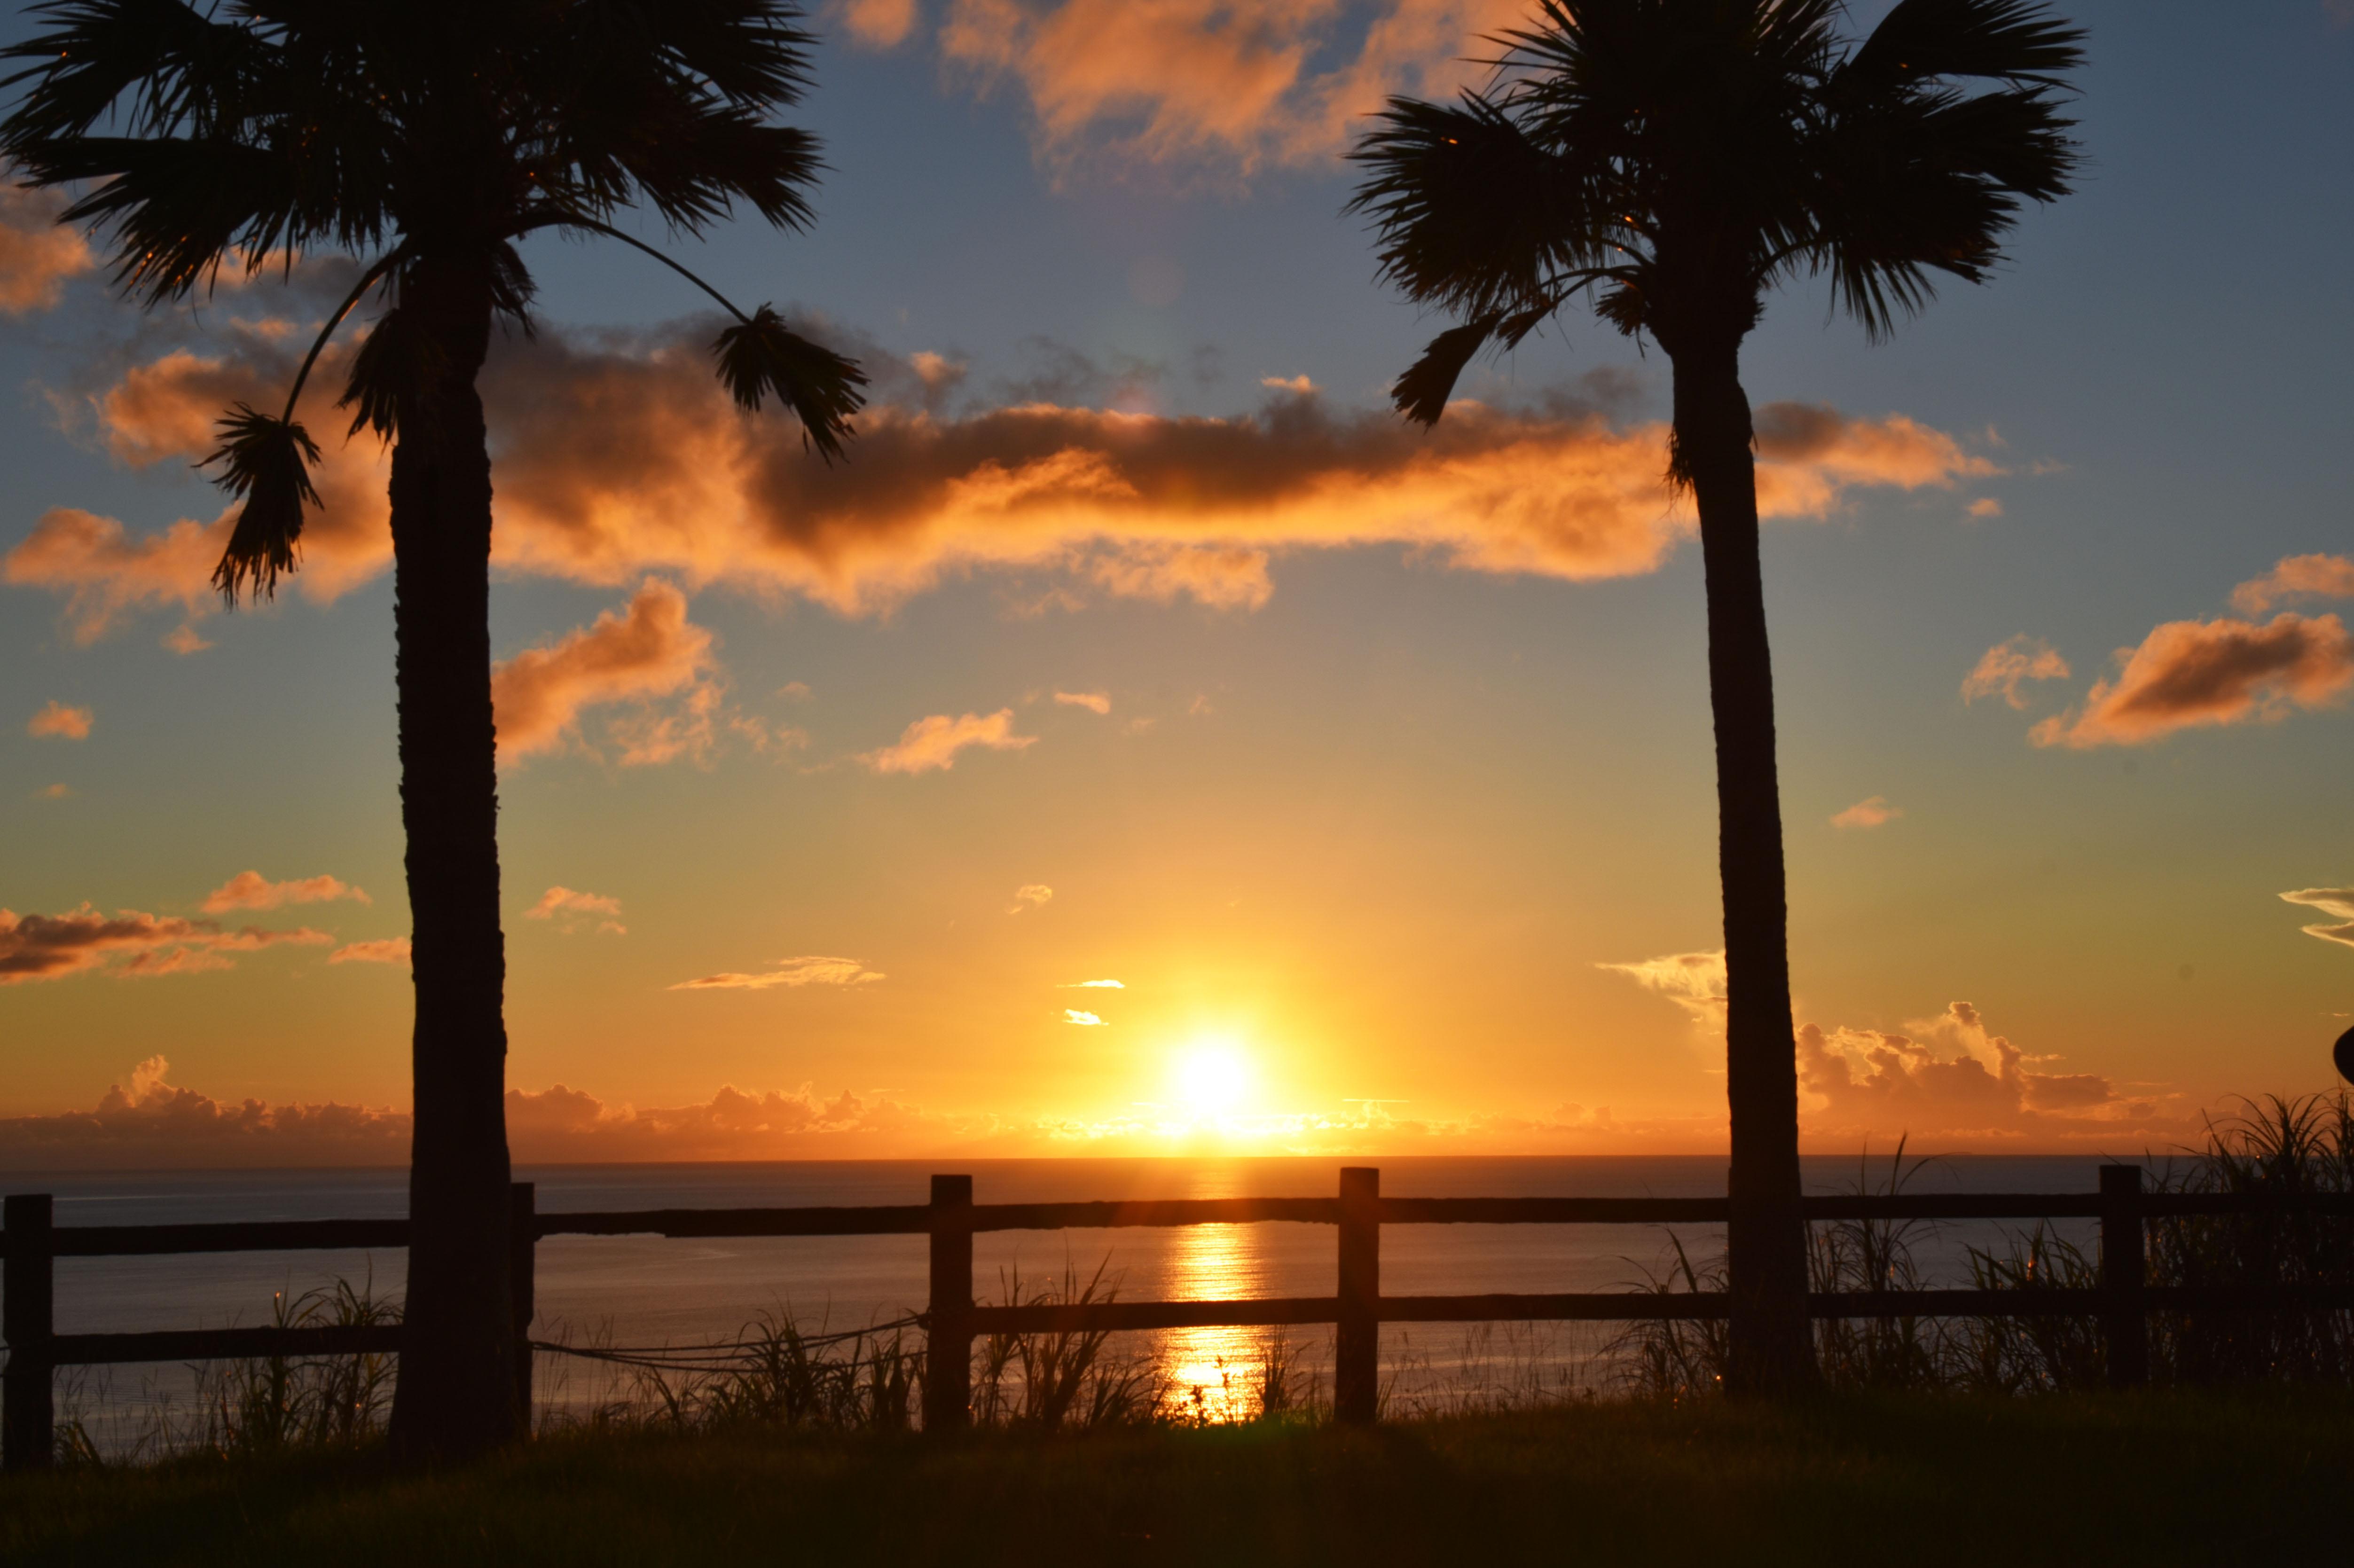 奄美大島旅行,ドミトリー 涼風さんにお世話になりました